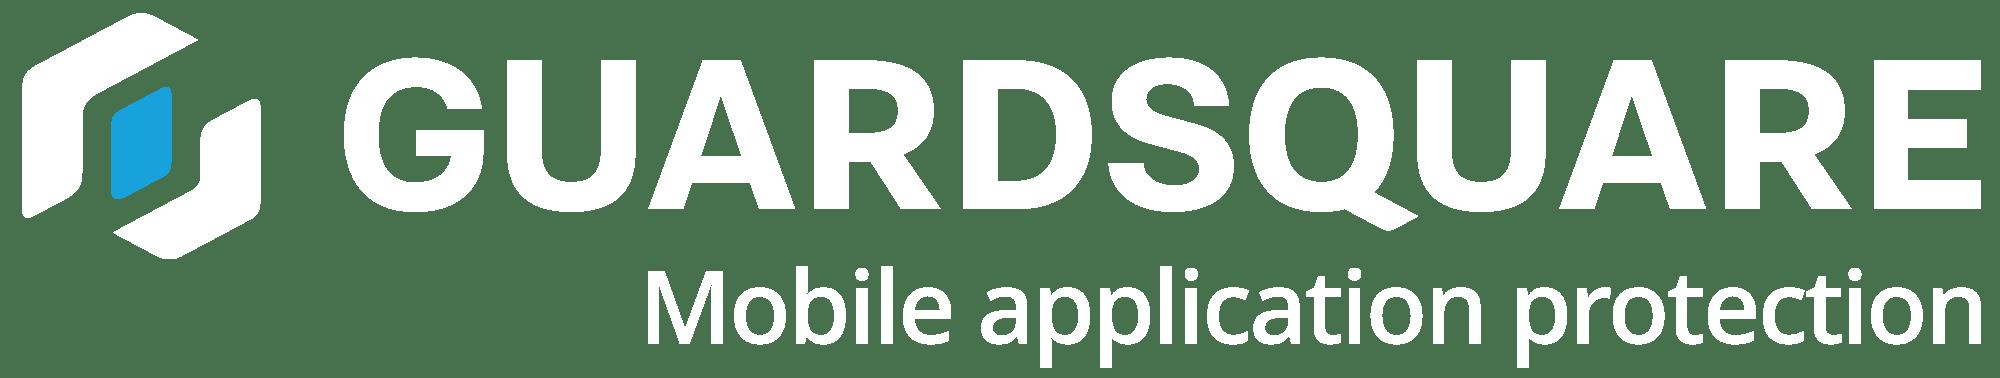 Guardsquare-logo